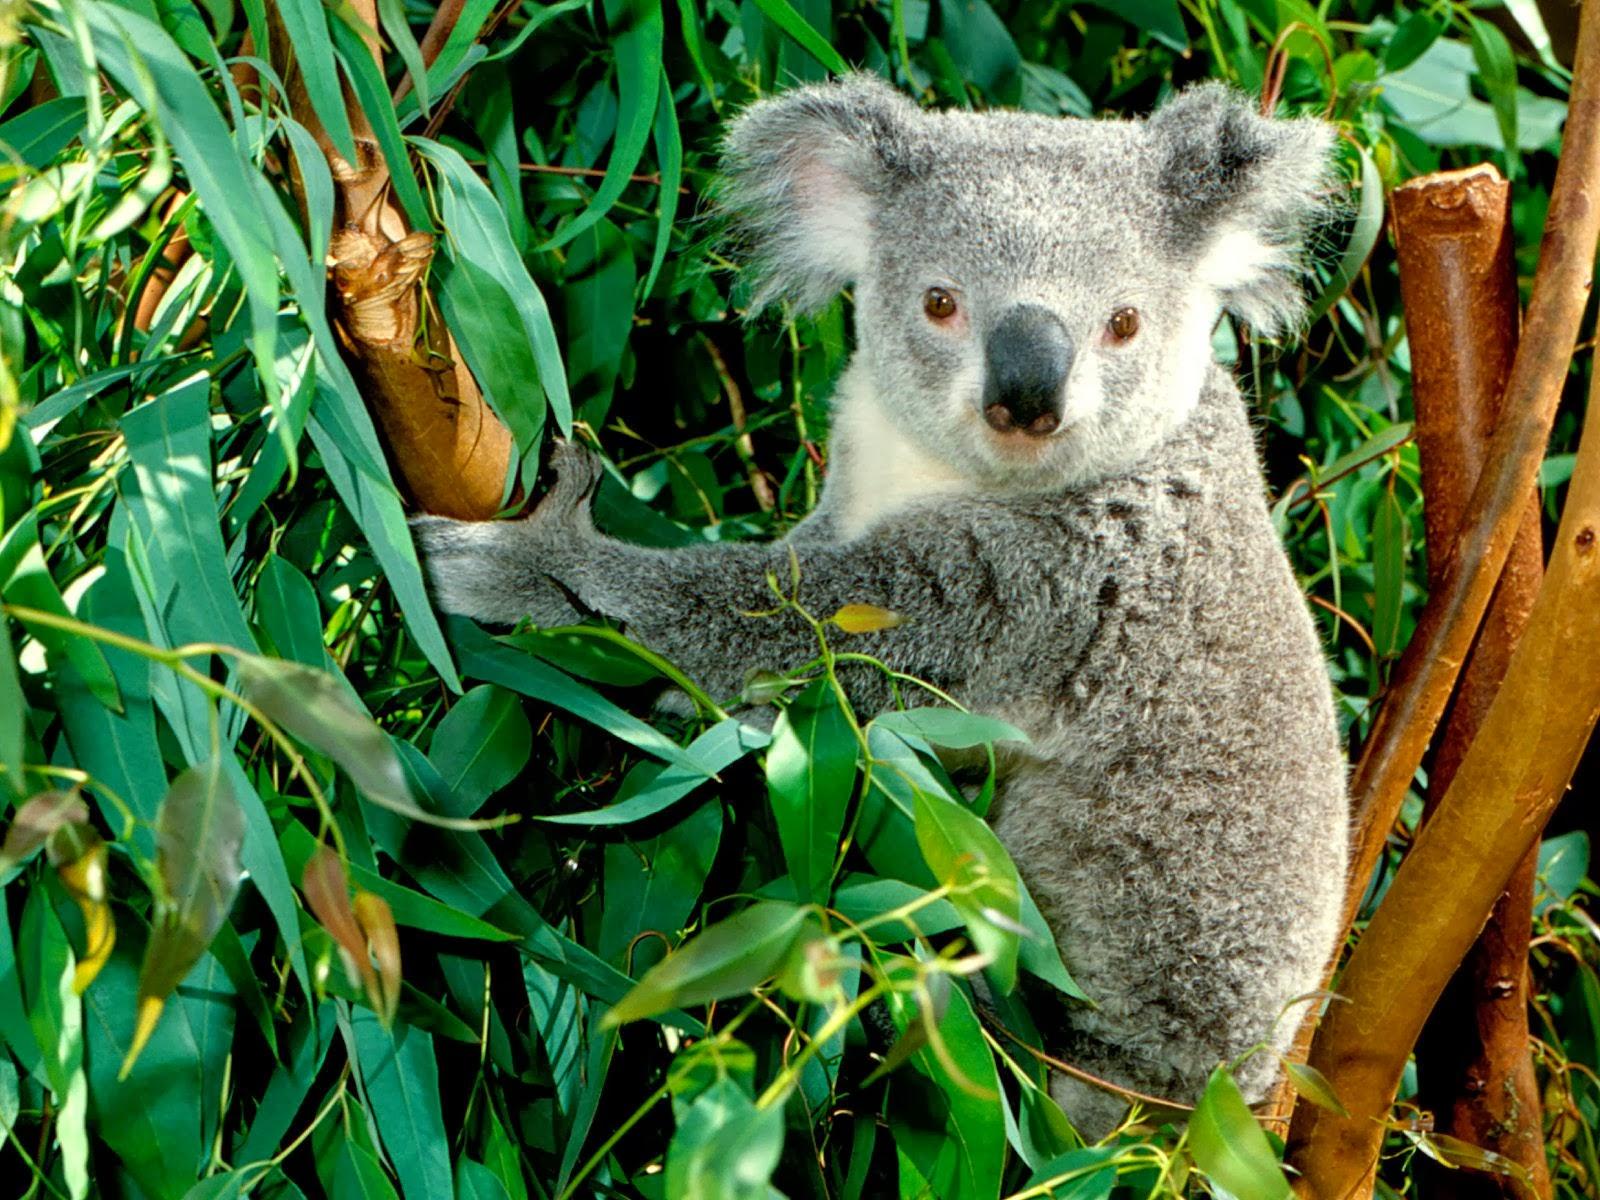 animales herbívoros imagenes - Herbívoros Imágenes gratis en Pixabay